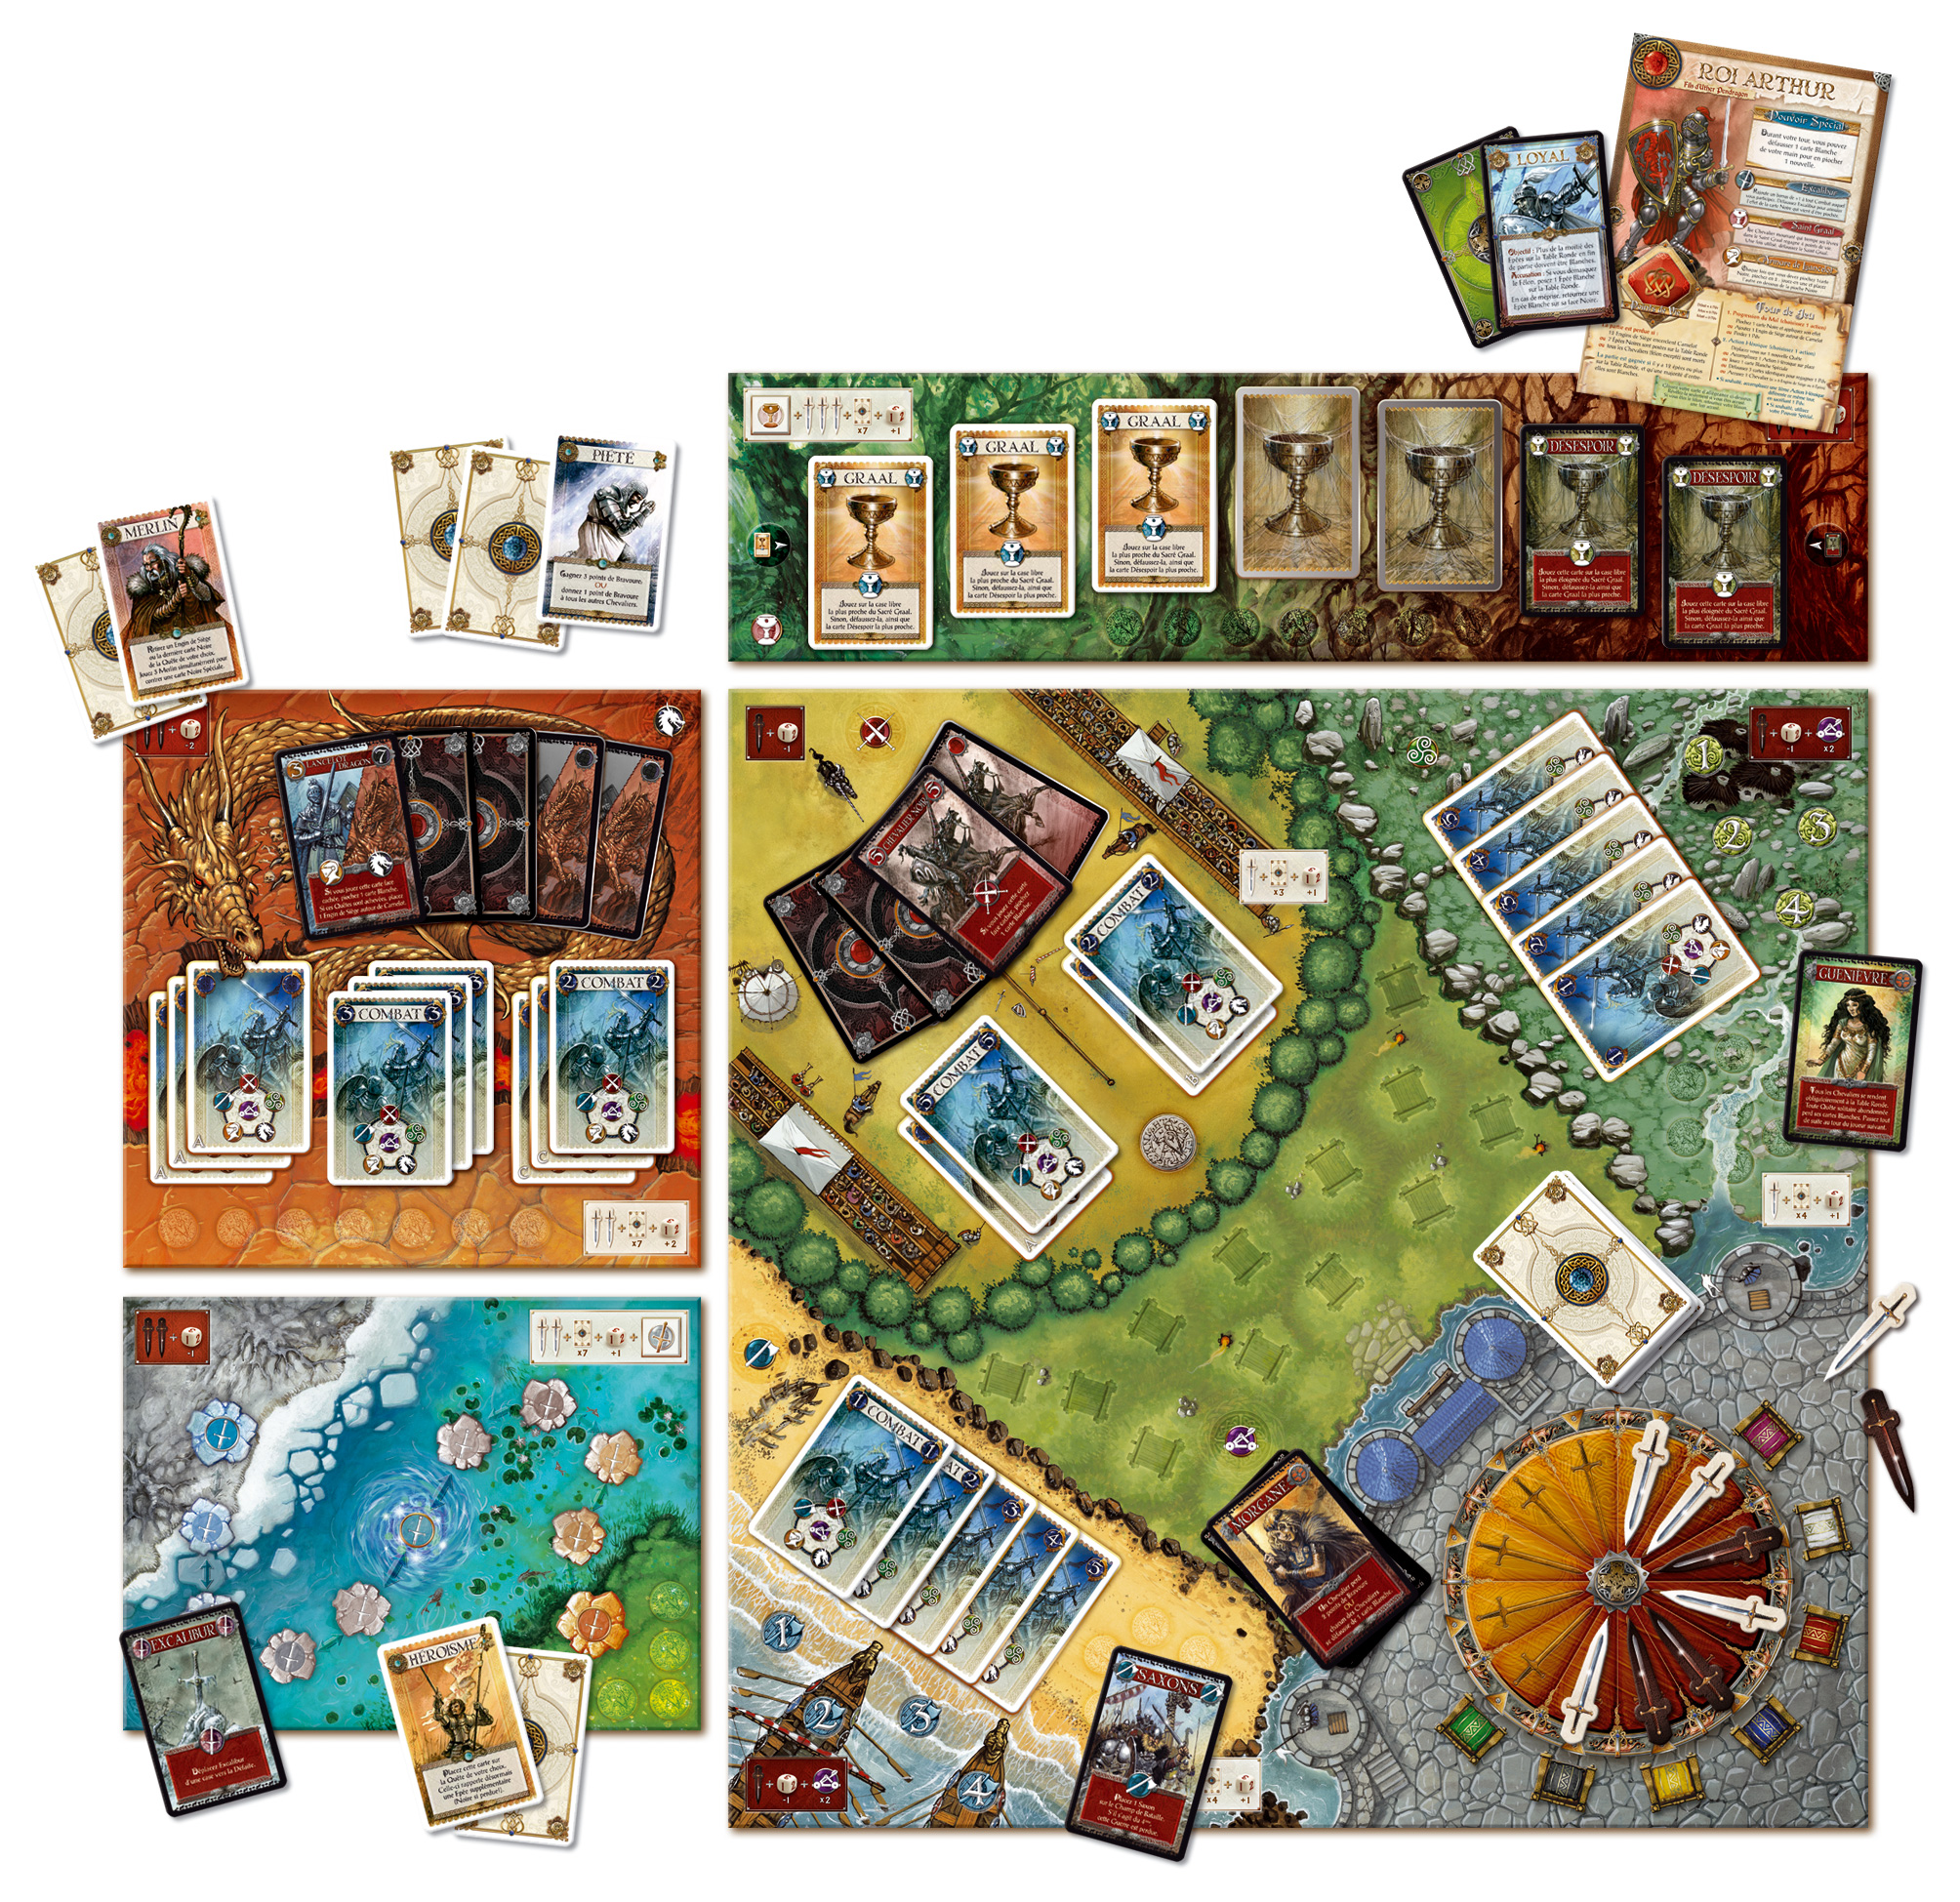 Bruno cathala tout faire pour tre compris page 5 - Recherche sur les chevaliers de la table ronde ...